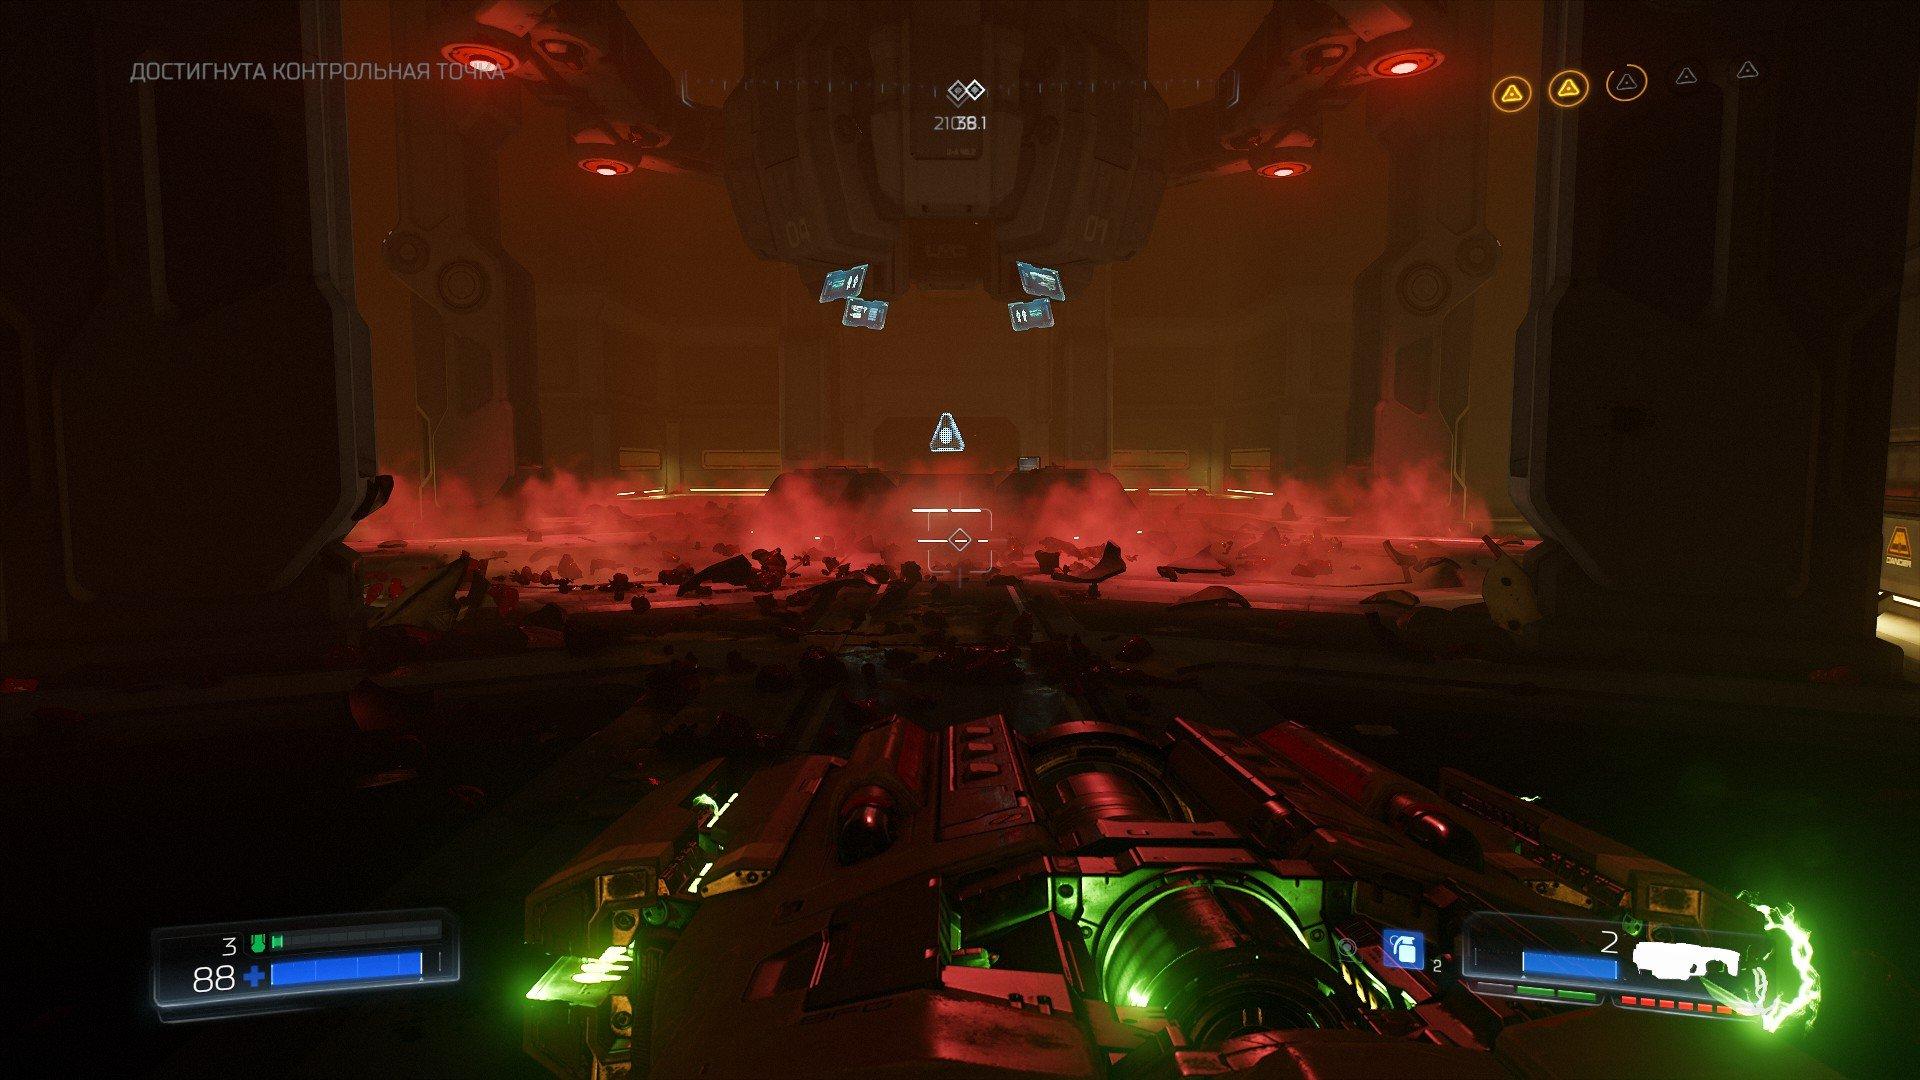 Вопль-прохождение Doom ... Позитивный и развеселый - Изображение 22